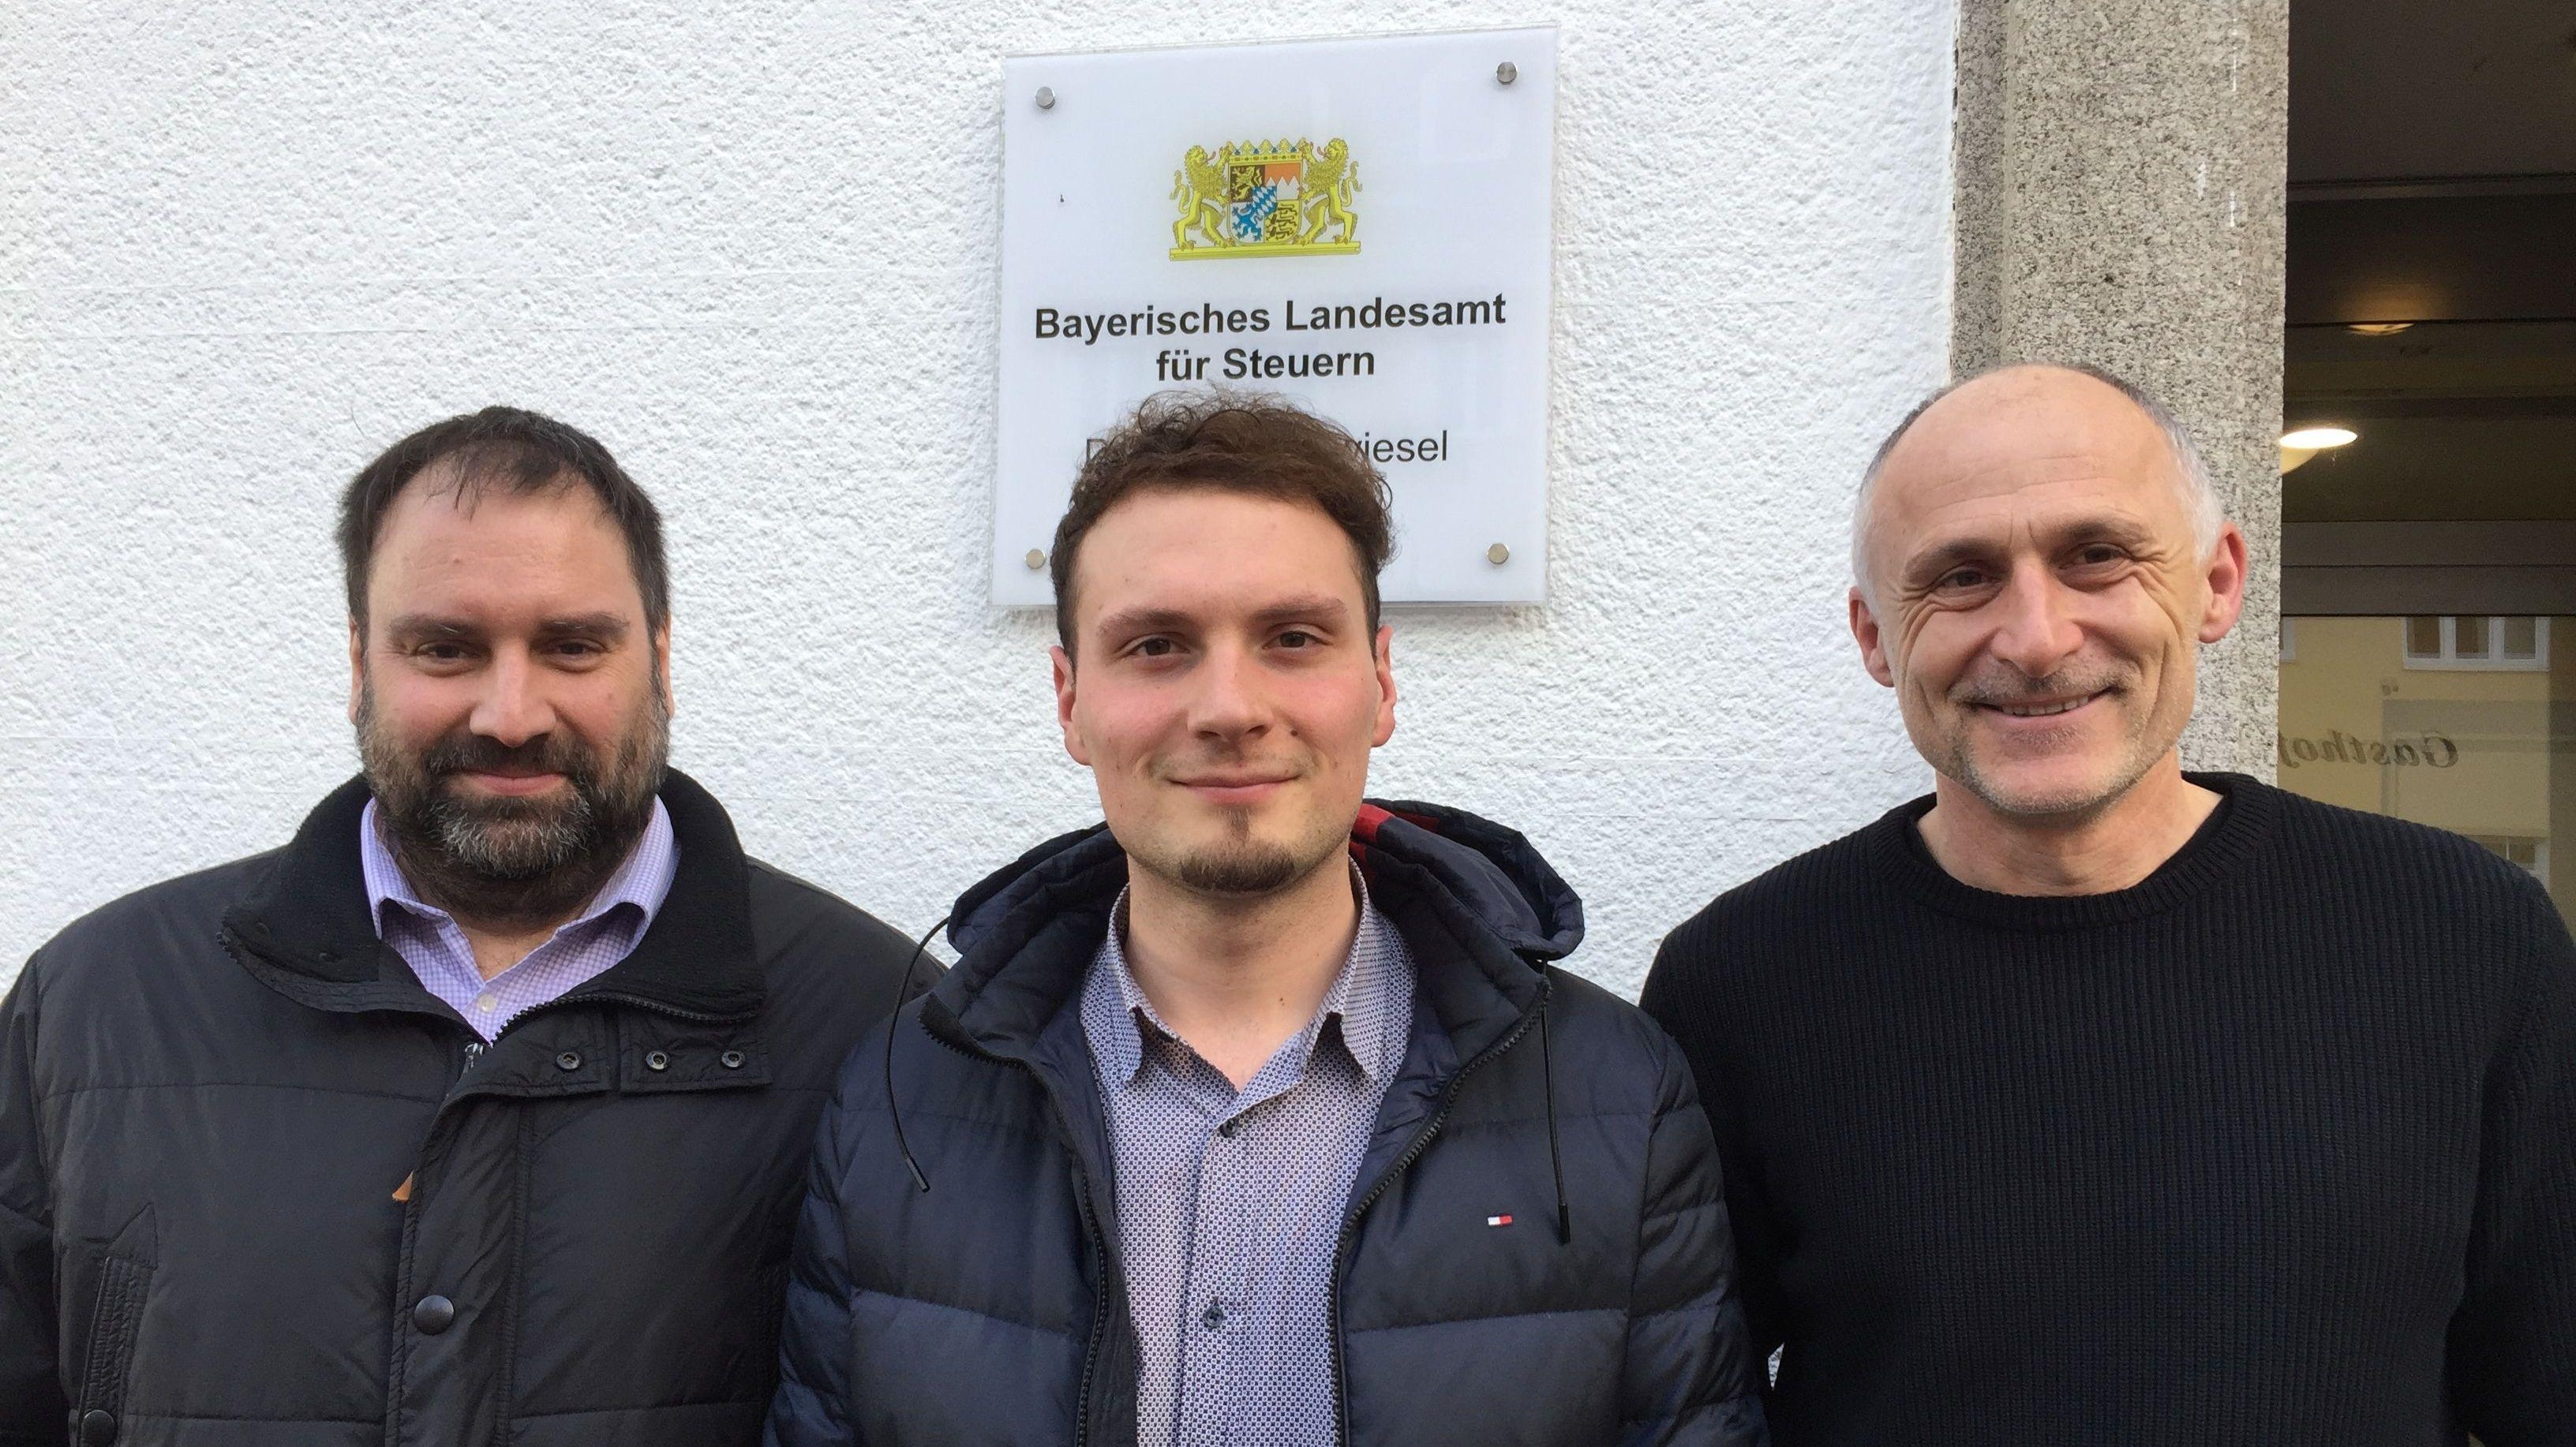 Das Bild zeigt die Mitarbeiter Marcus Heidrich, 43, Thomas Joachimsthaler, 27, Herbert Erras, 54, vor dem Bayerischen Landesamt für Steuern am Stadtplatz von Zwiesel.